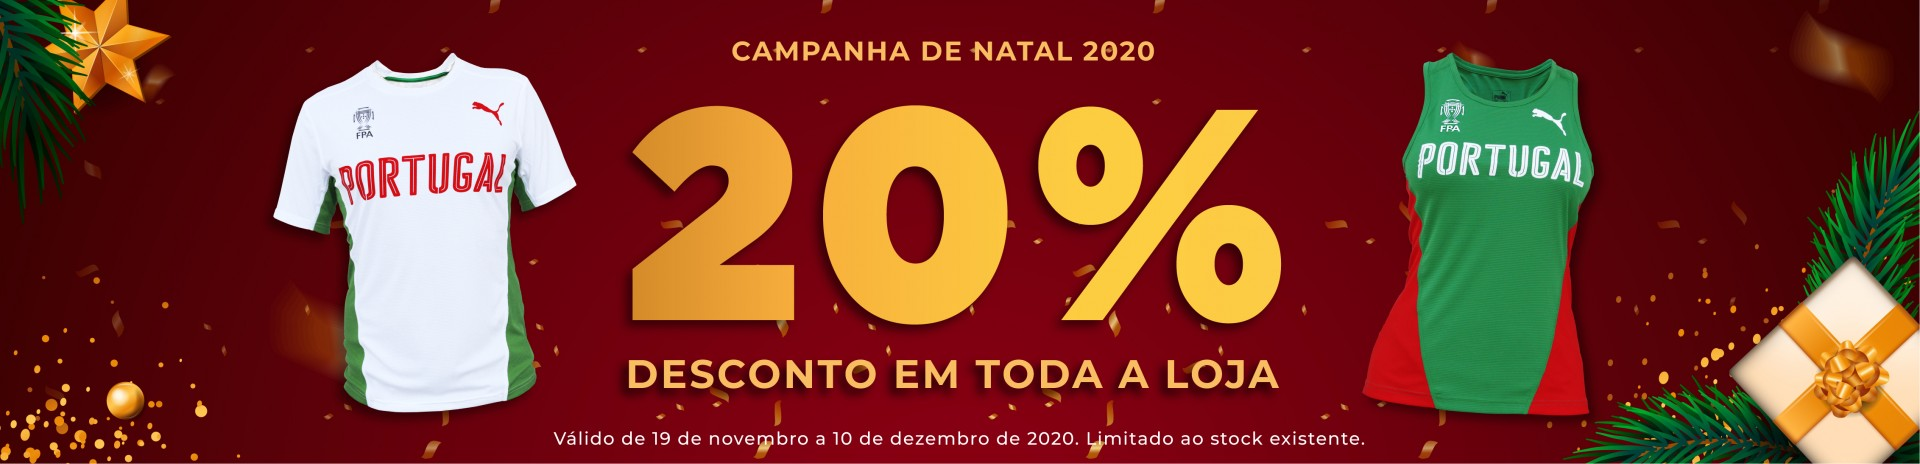 Federação Portuguesa de Atletismo